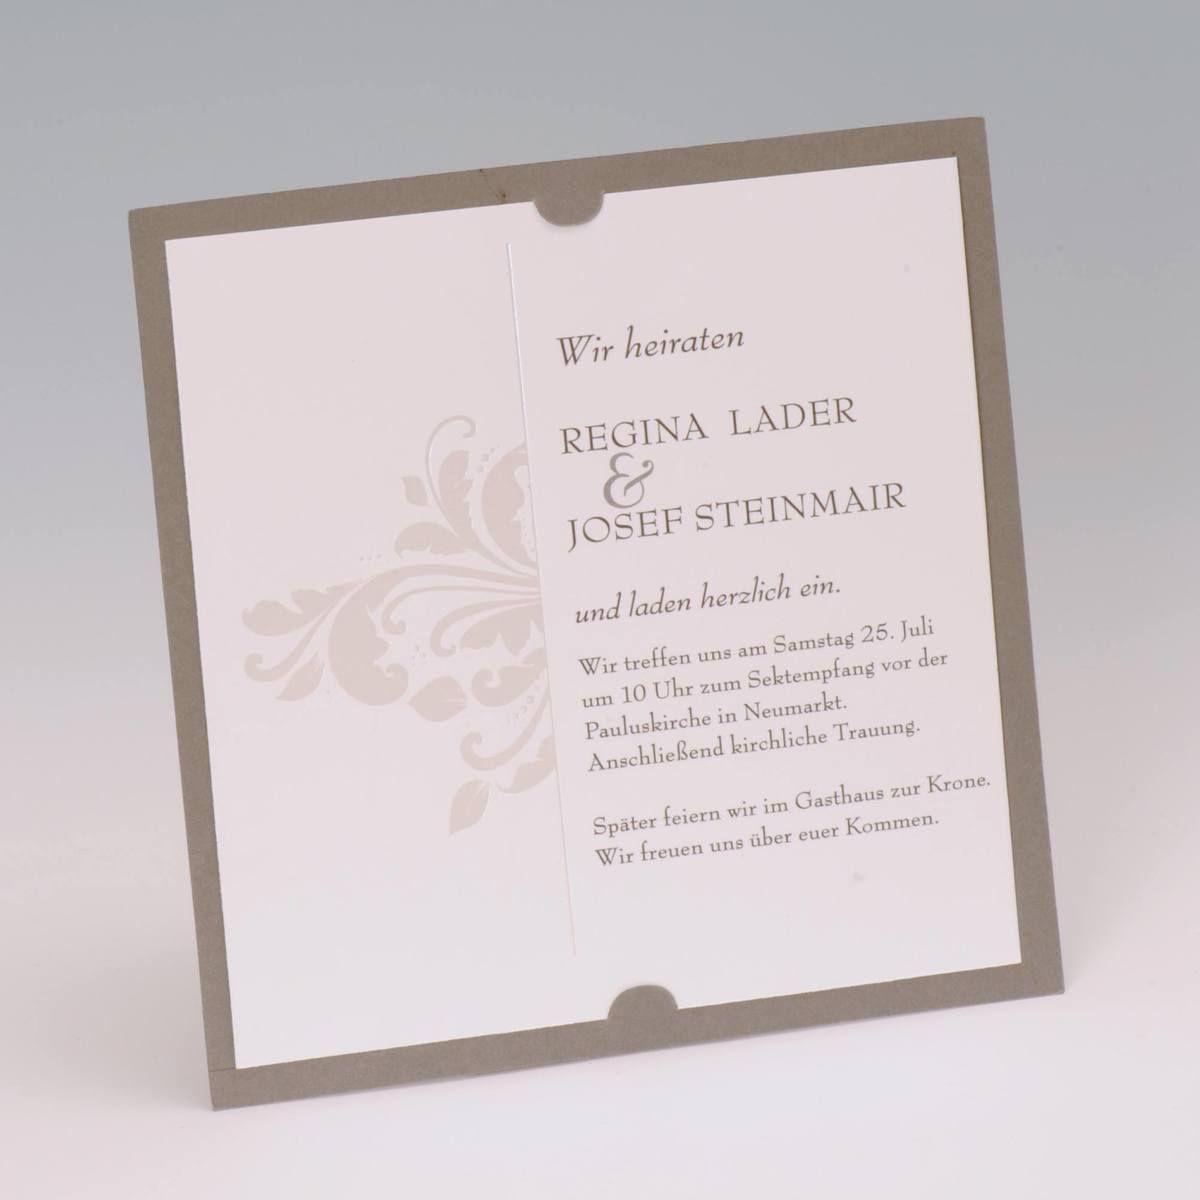 Eine Dezente Einladung Zur Hochzeitsfeier In Modernem Grau:  Https://www.karteninsel